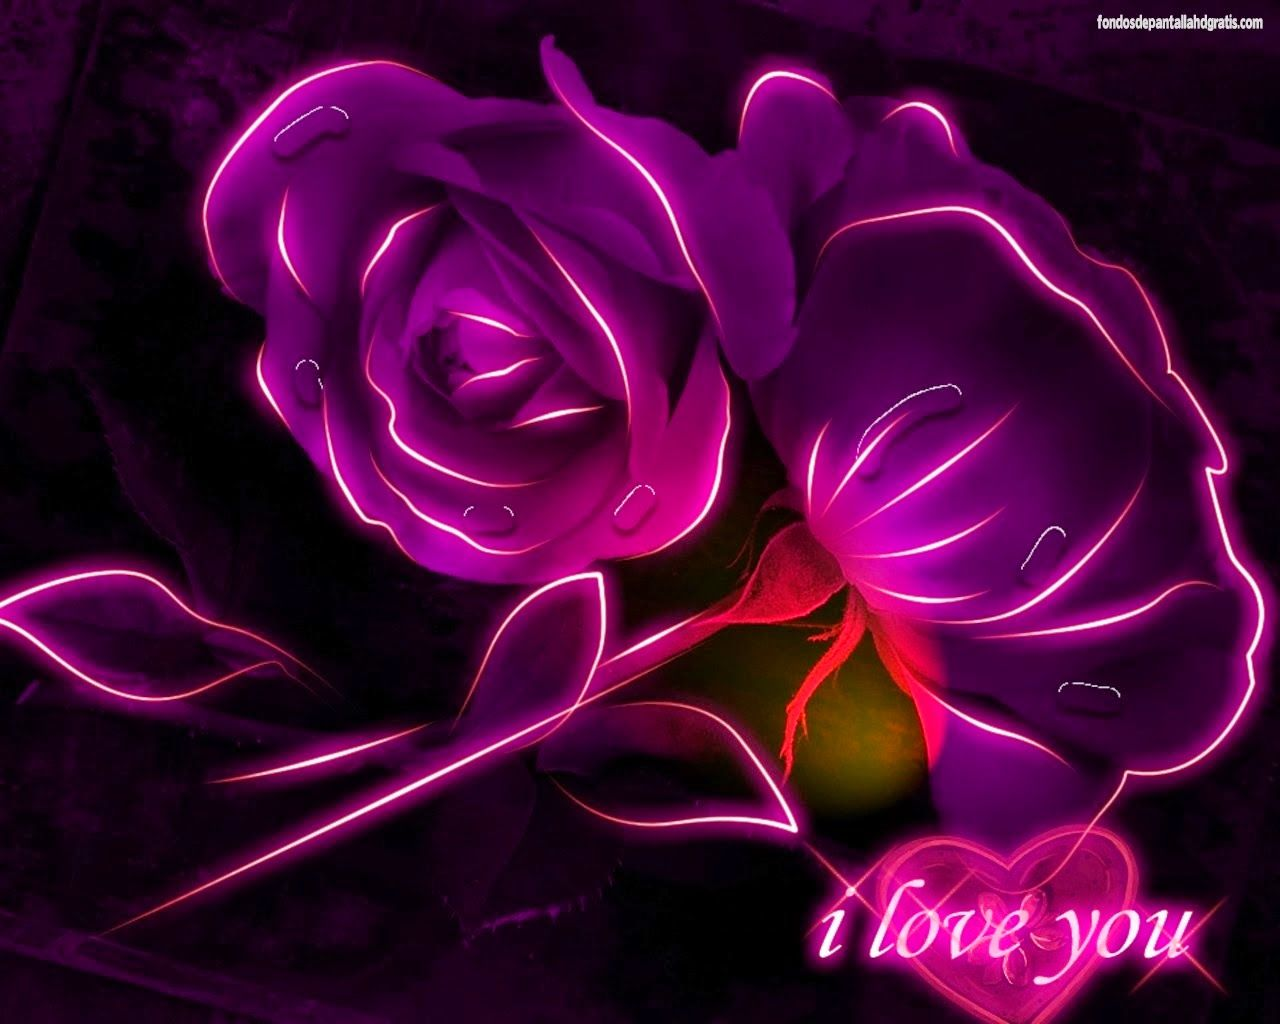 Ver gratis imagenes de amor para fondo de pantalla en 3d 1 for Imagenes para escritorio en movimiento gratis